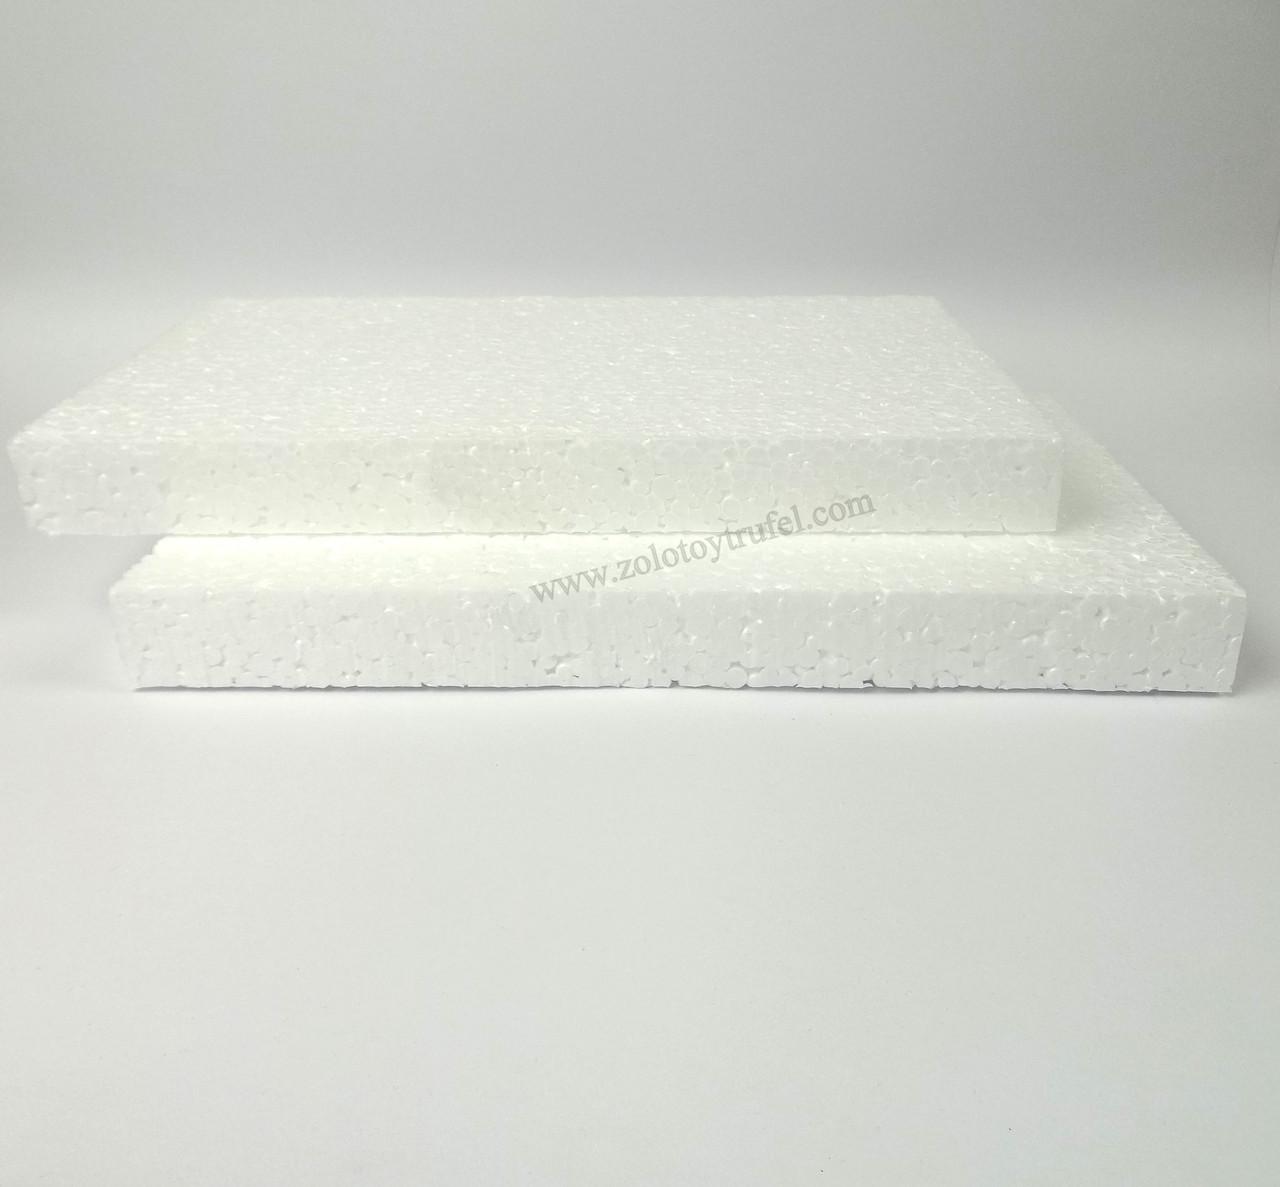 Прослойки пенопластовые для торта 20*30 см h 3 см